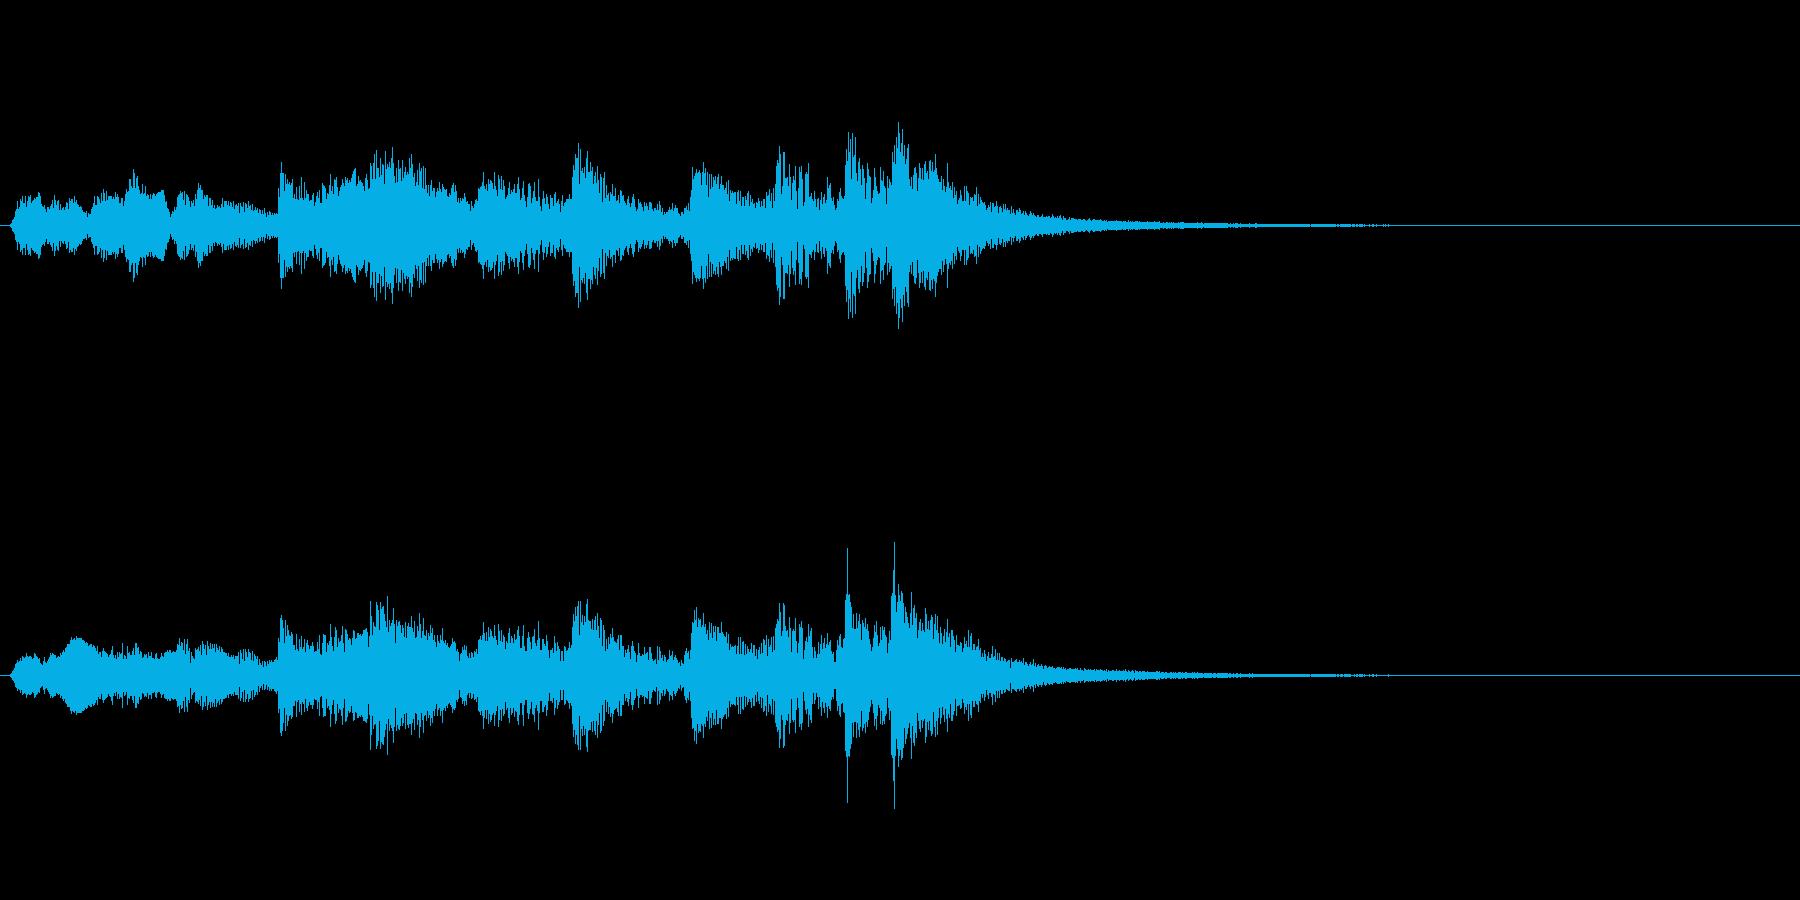 尺八、琴、太鼓と拍子木の音の再生済みの波形